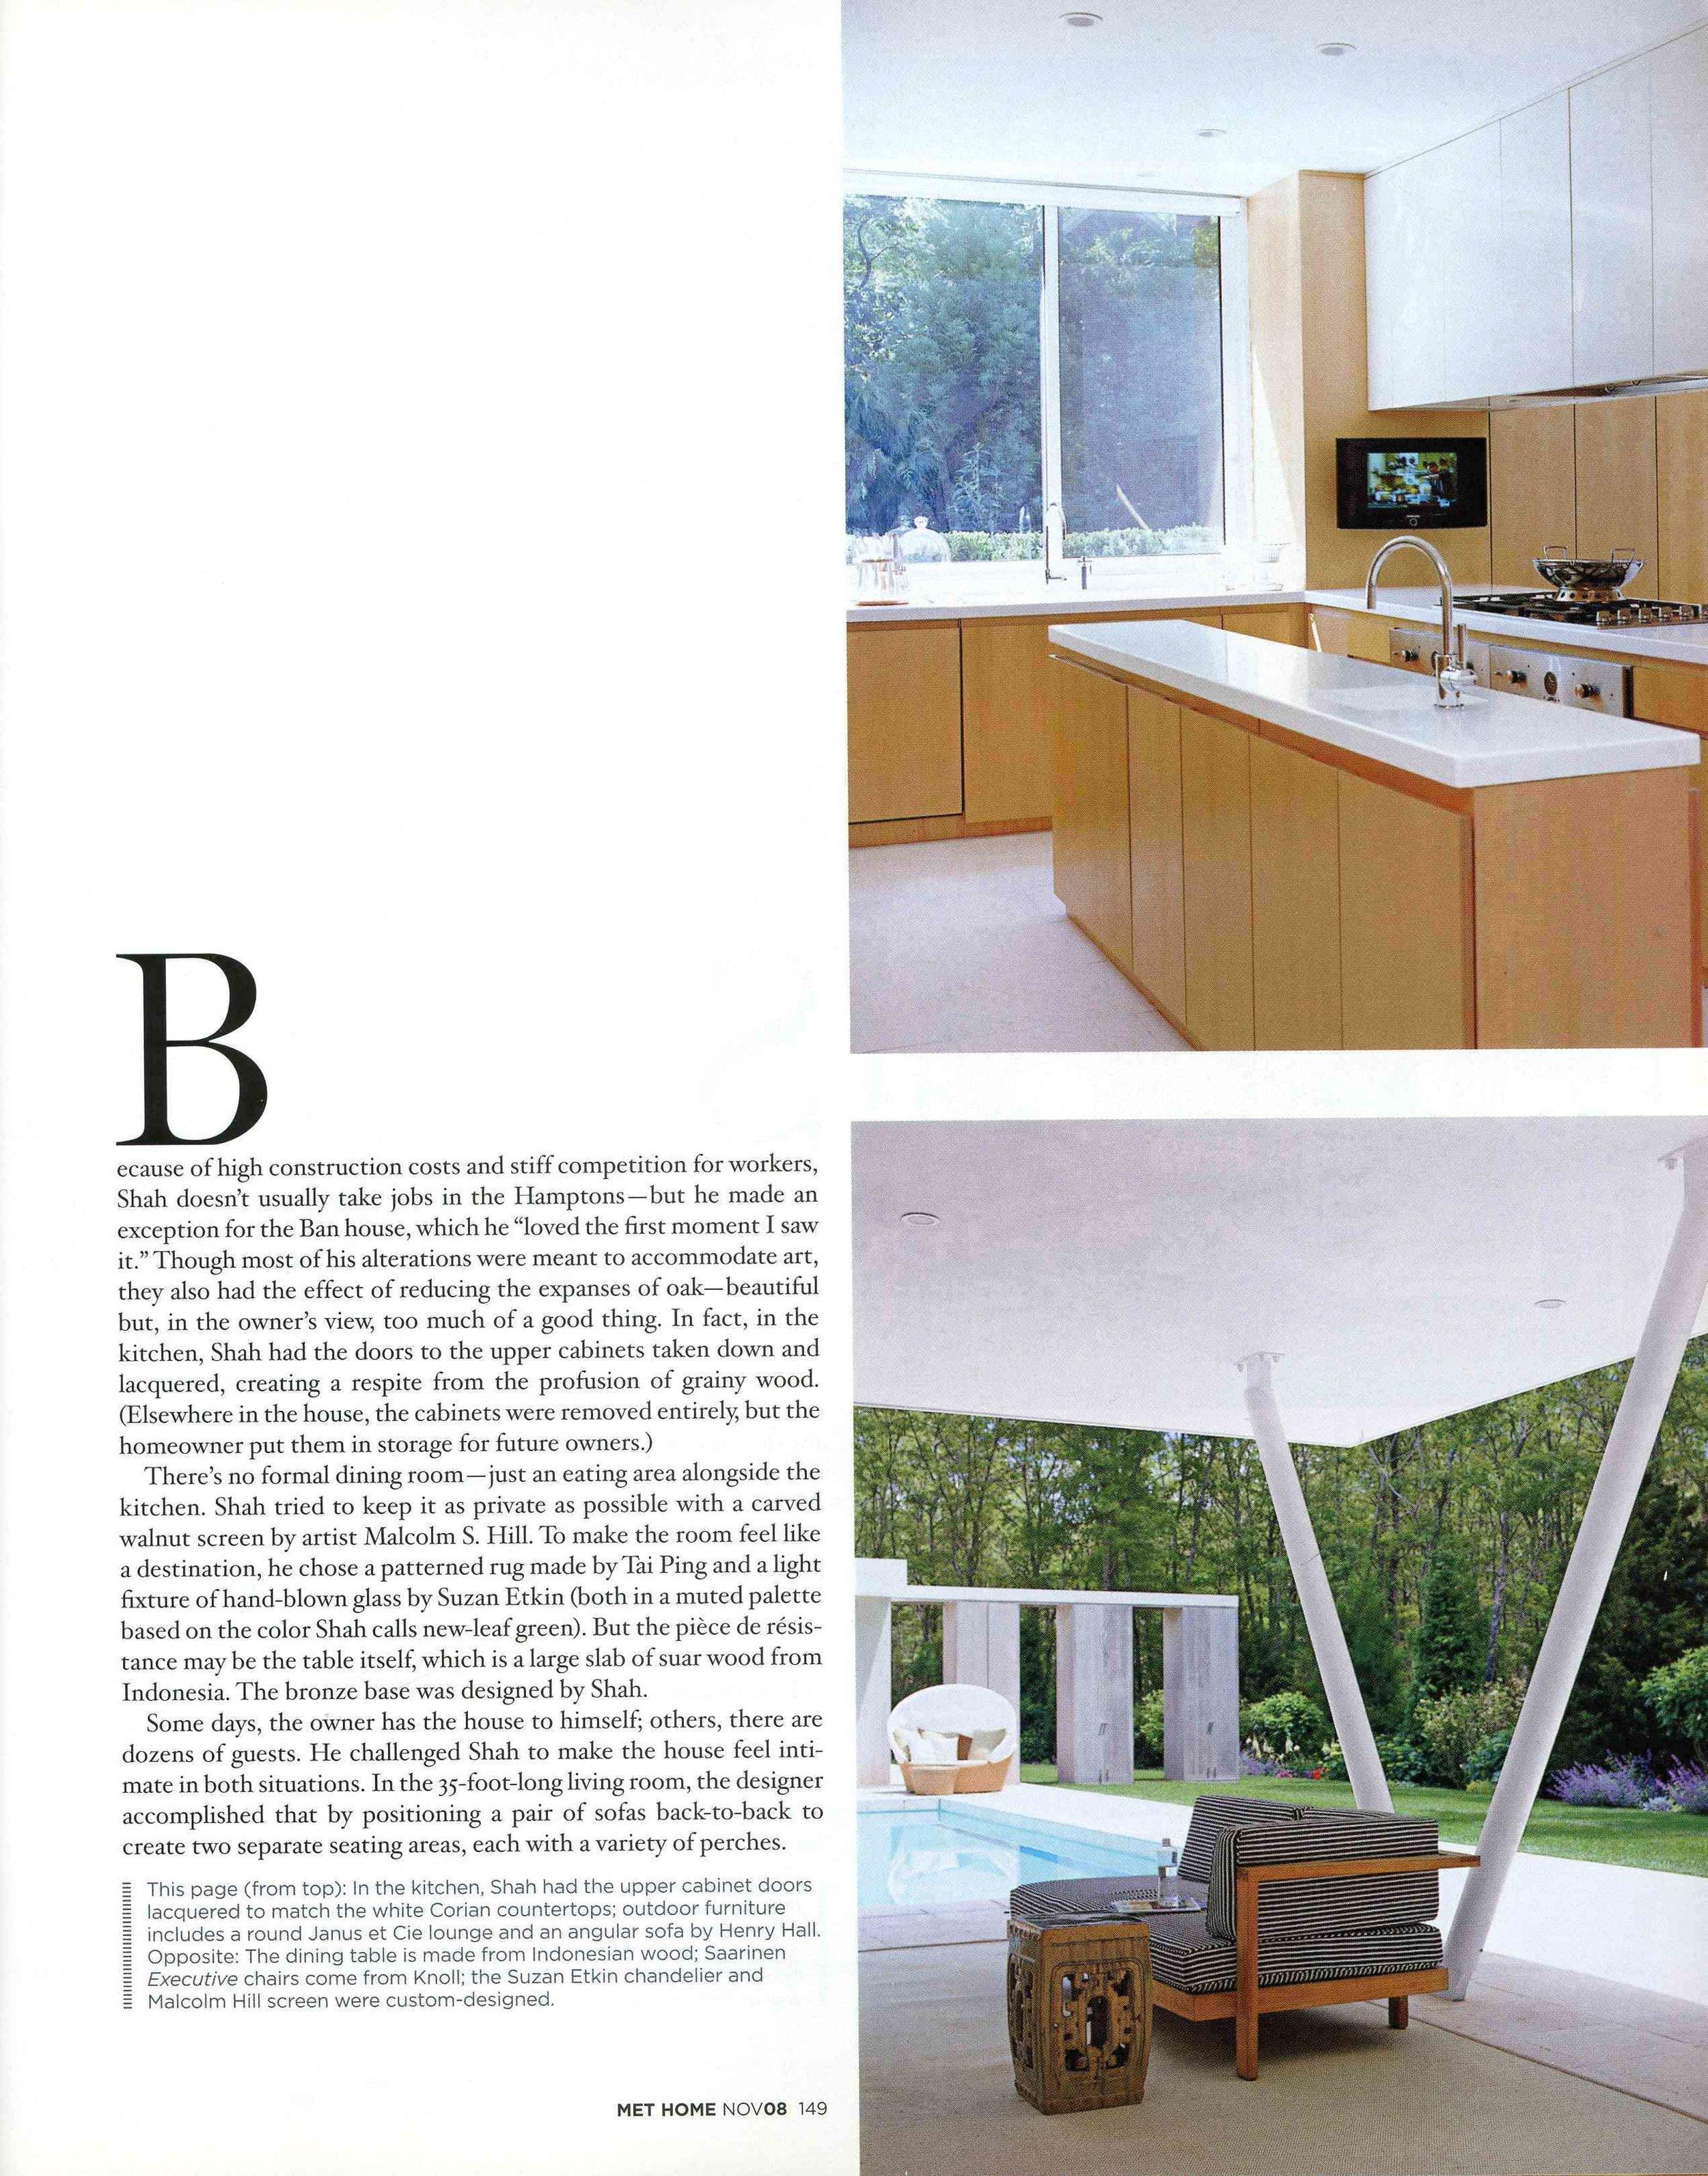 Met Home_Nov 08_Hamptons House_Full Article_Page_09.jpg